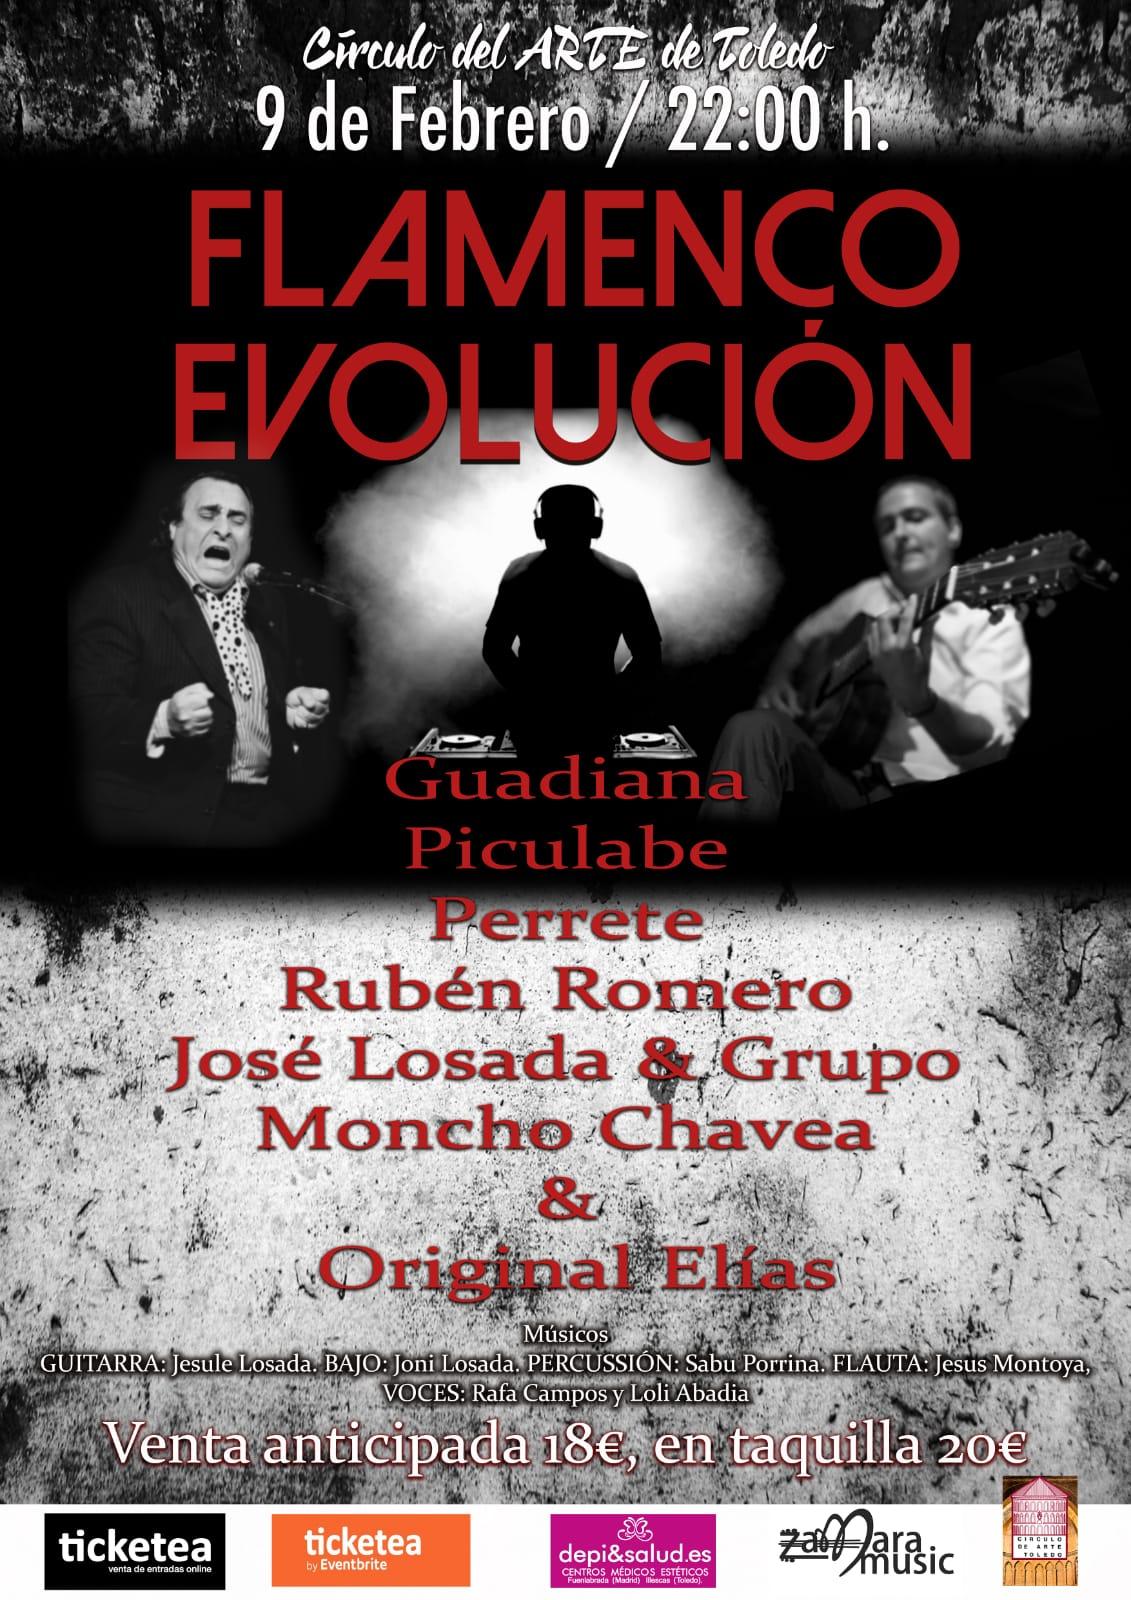 Flamenco y Evolución - Toledo